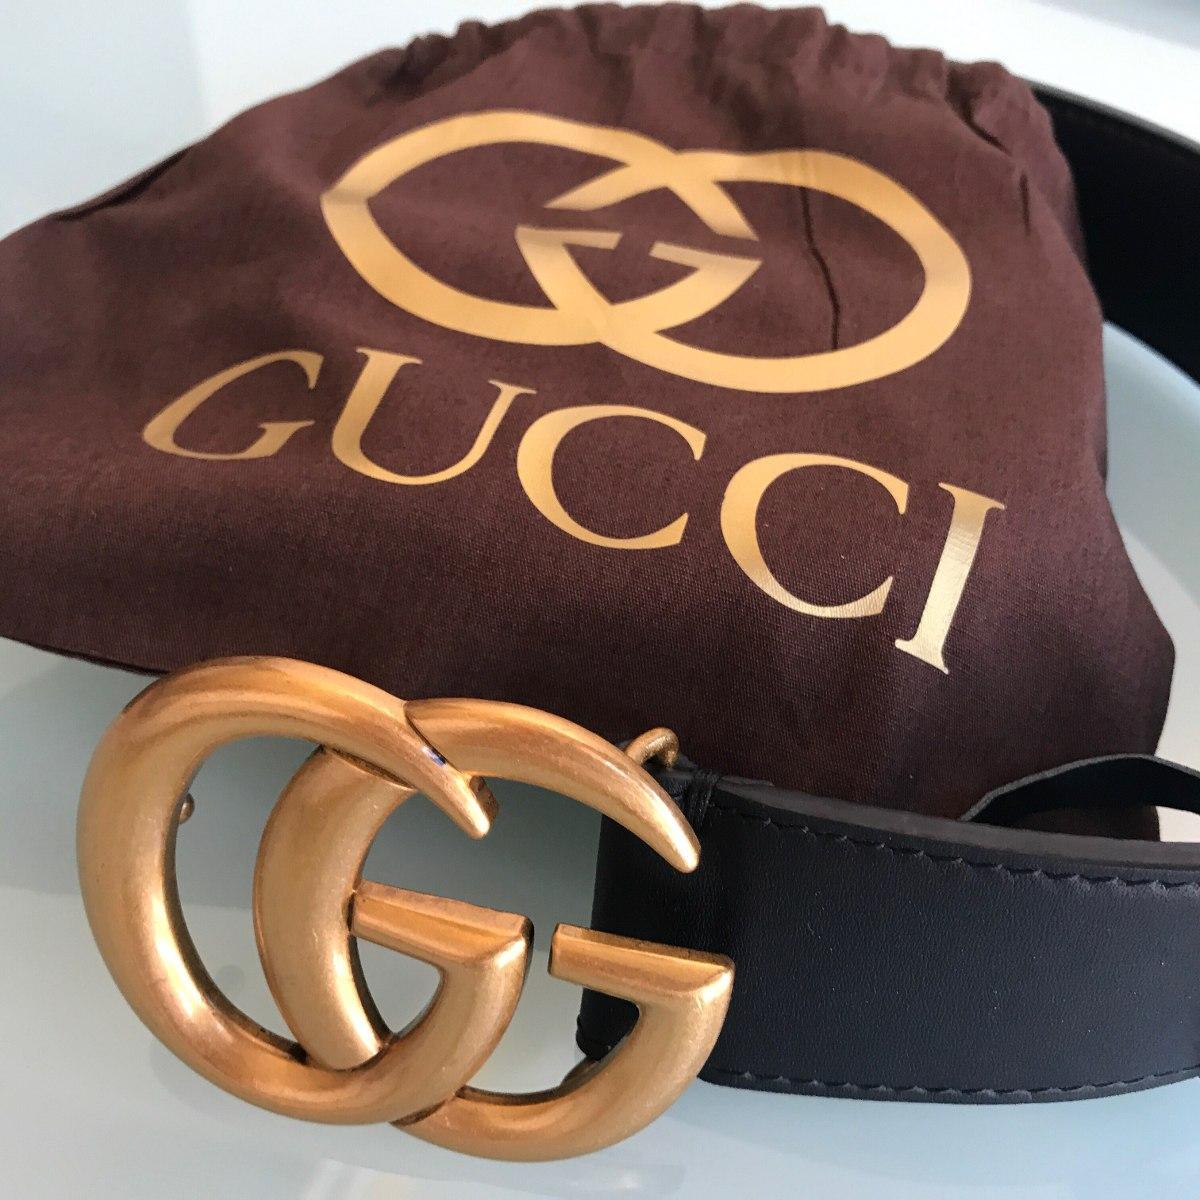 Cinto Feminino Gucci - Original - Importado - Couro Legítimo - R ... 0a578ab725